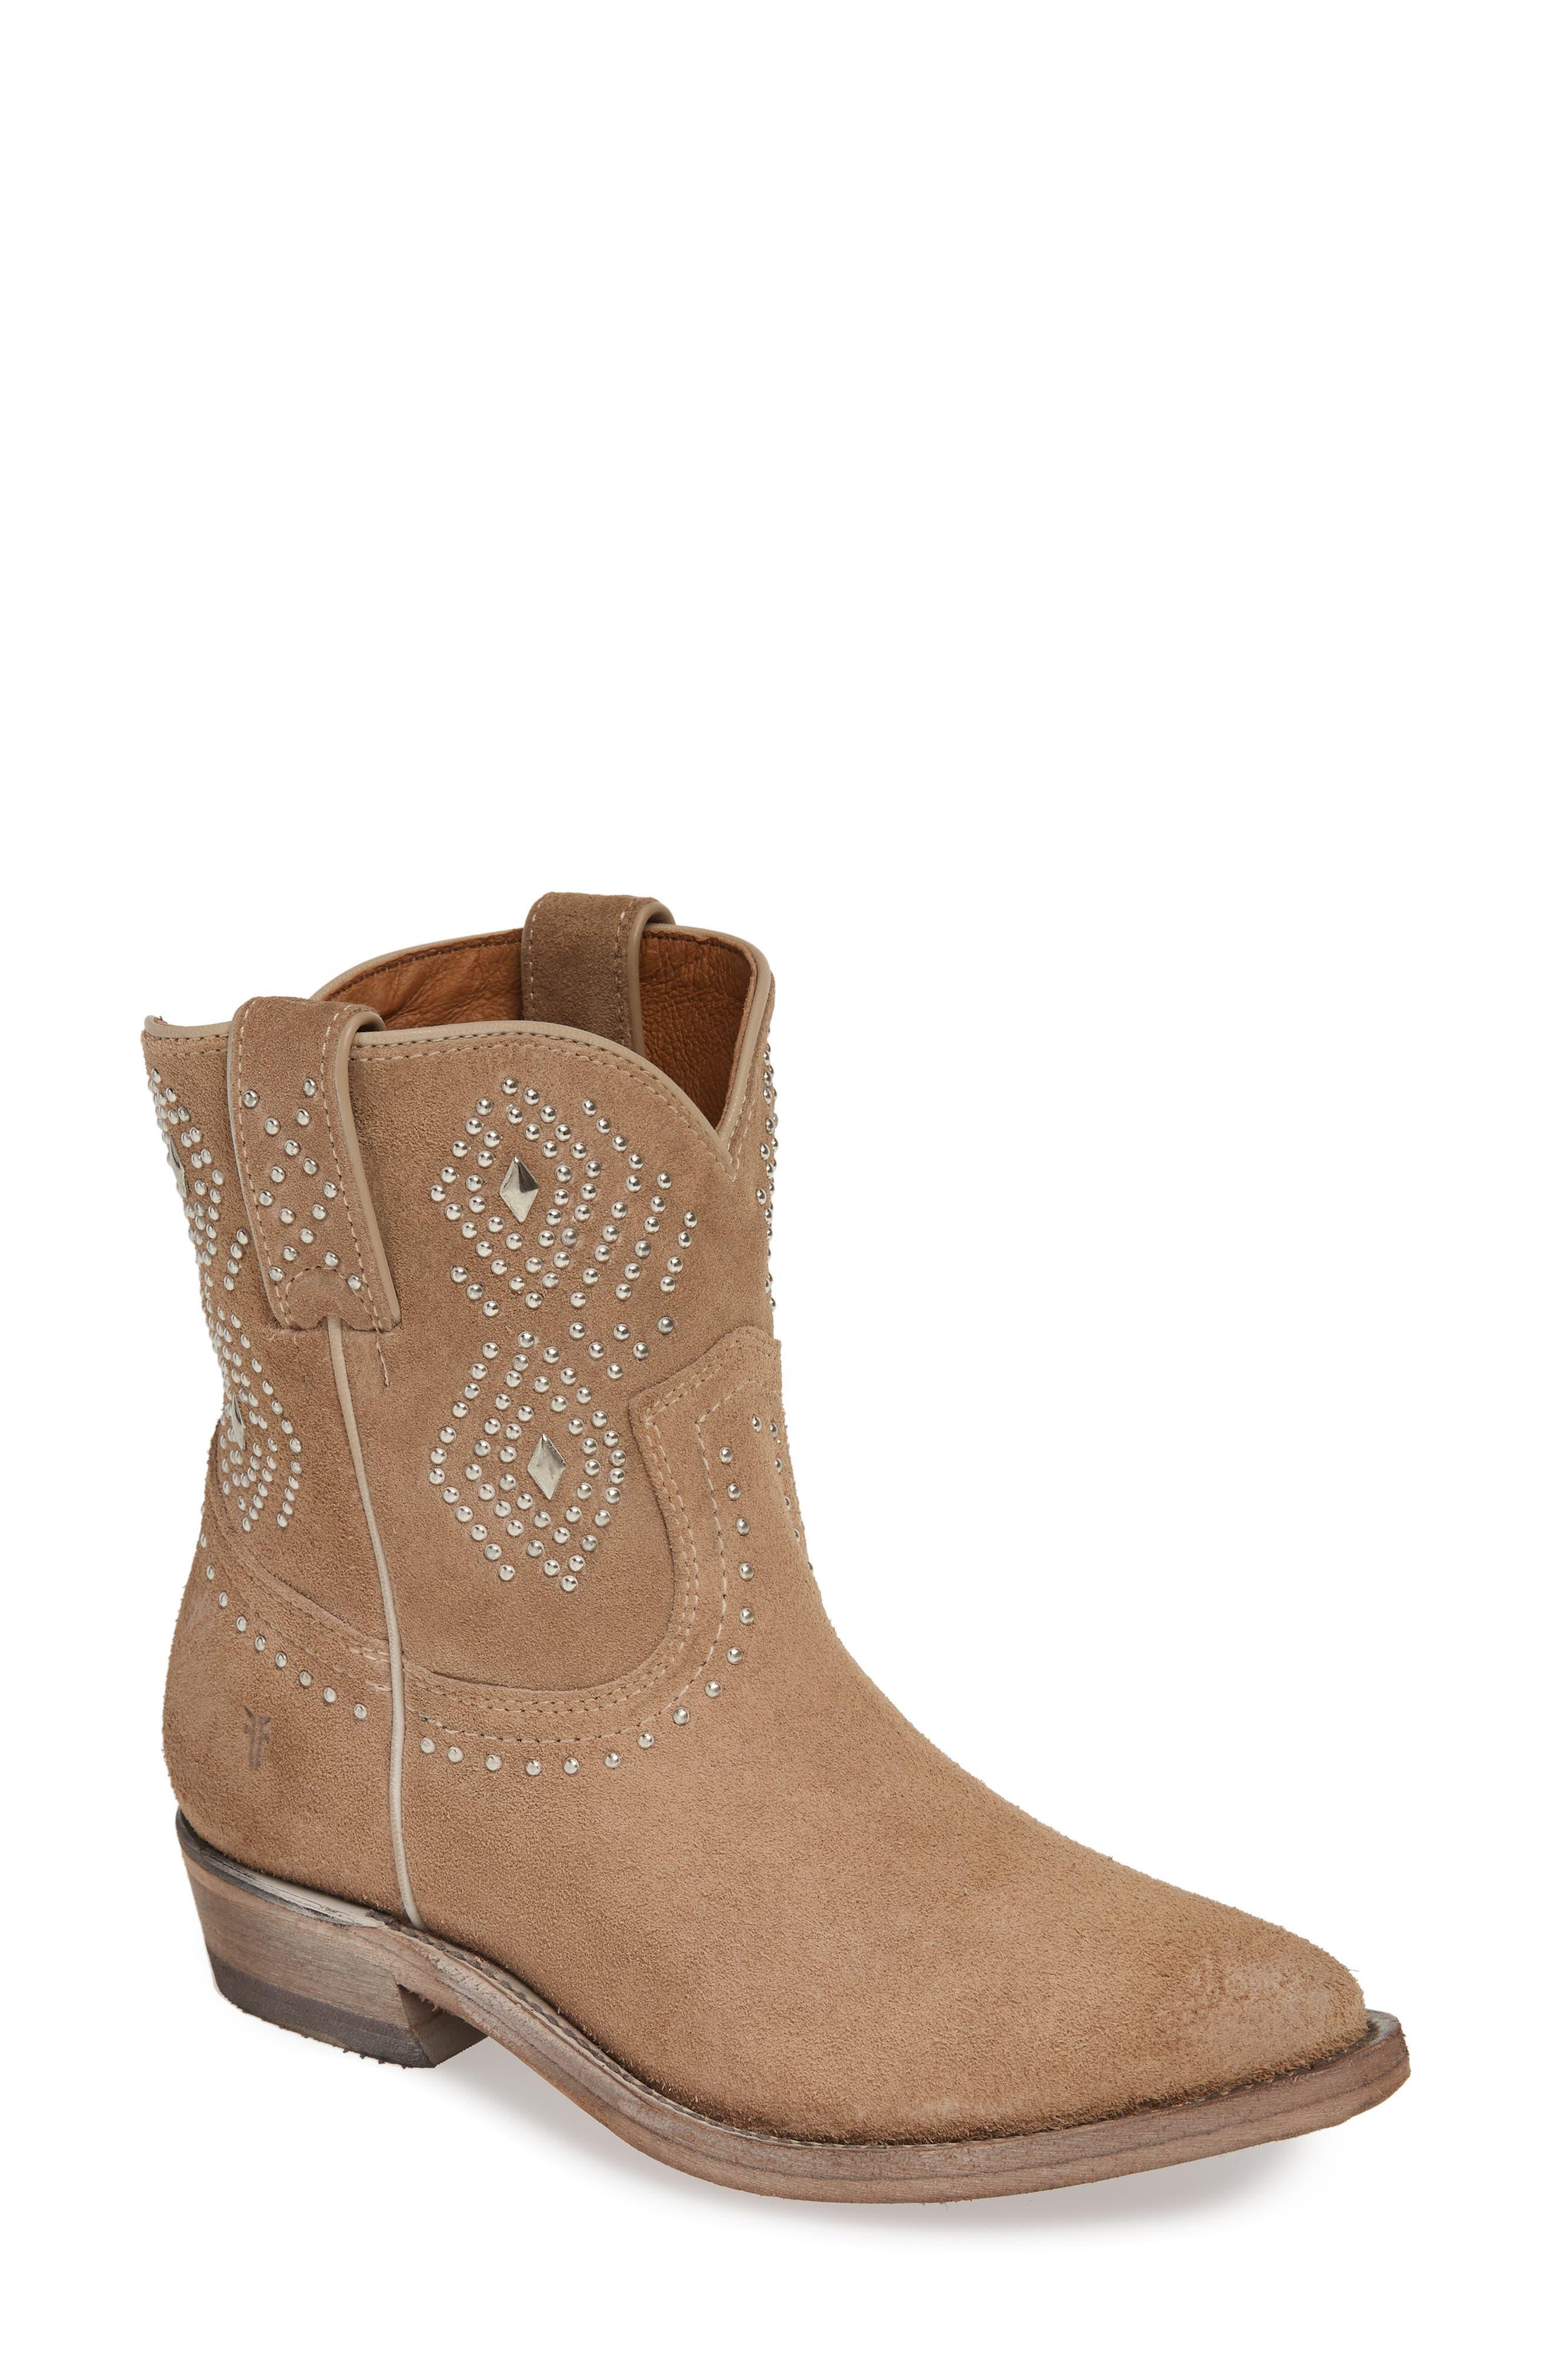 Frye Billy Stud Short Western Boot- Beige